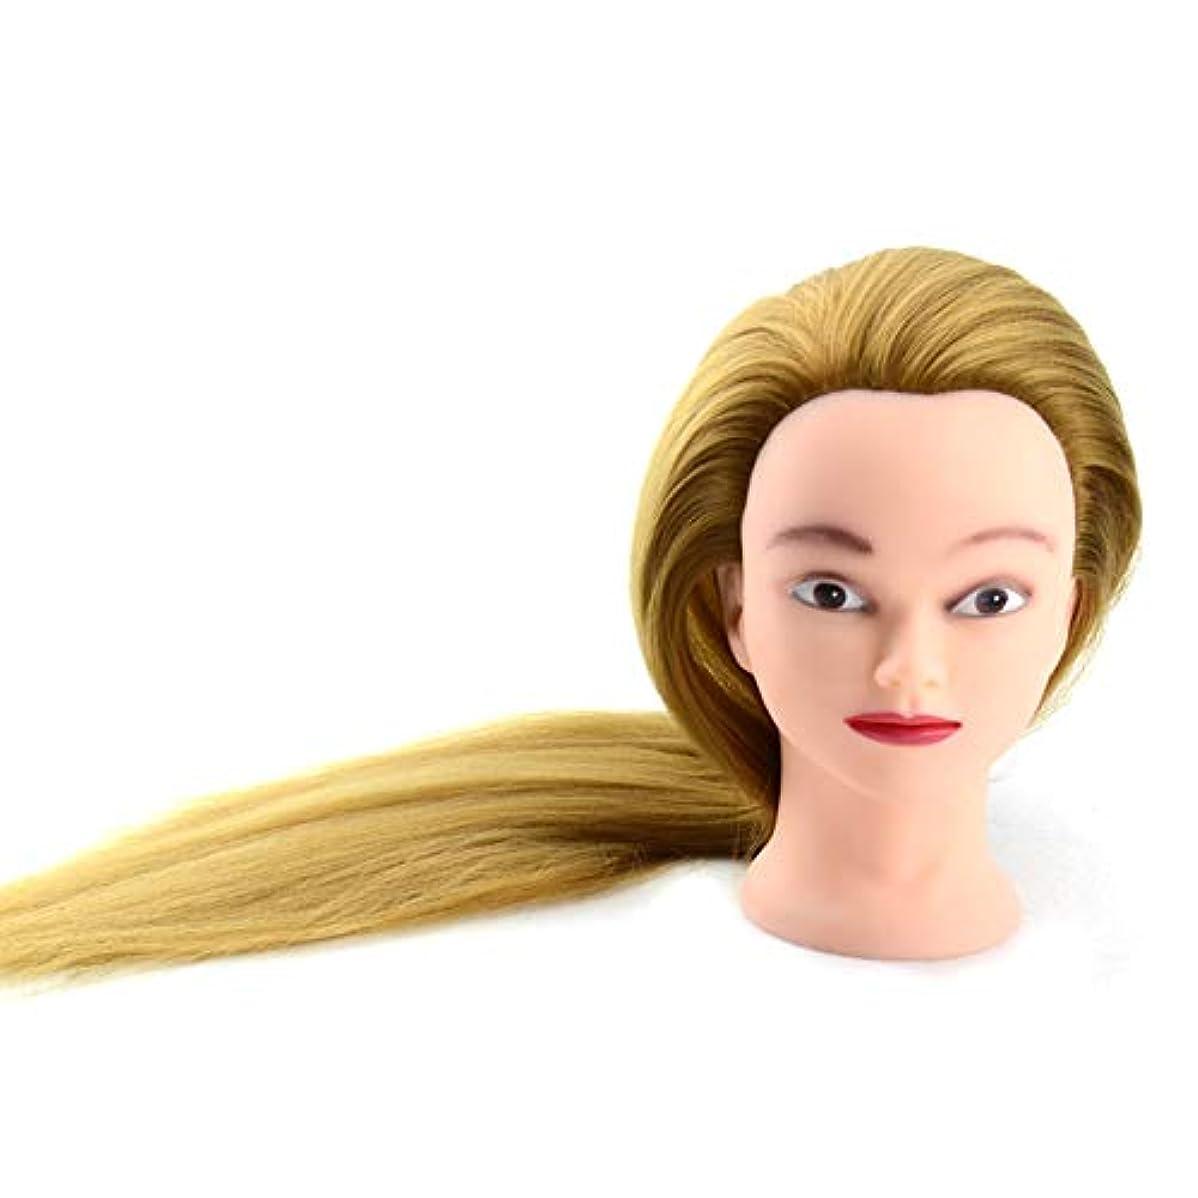 若さ栄光のオーチャード化学繊維ウィッグヘッドモデル花嫁メイクスタイリング練習ダミーヘッドサロントリミング学習マネキンヘッド